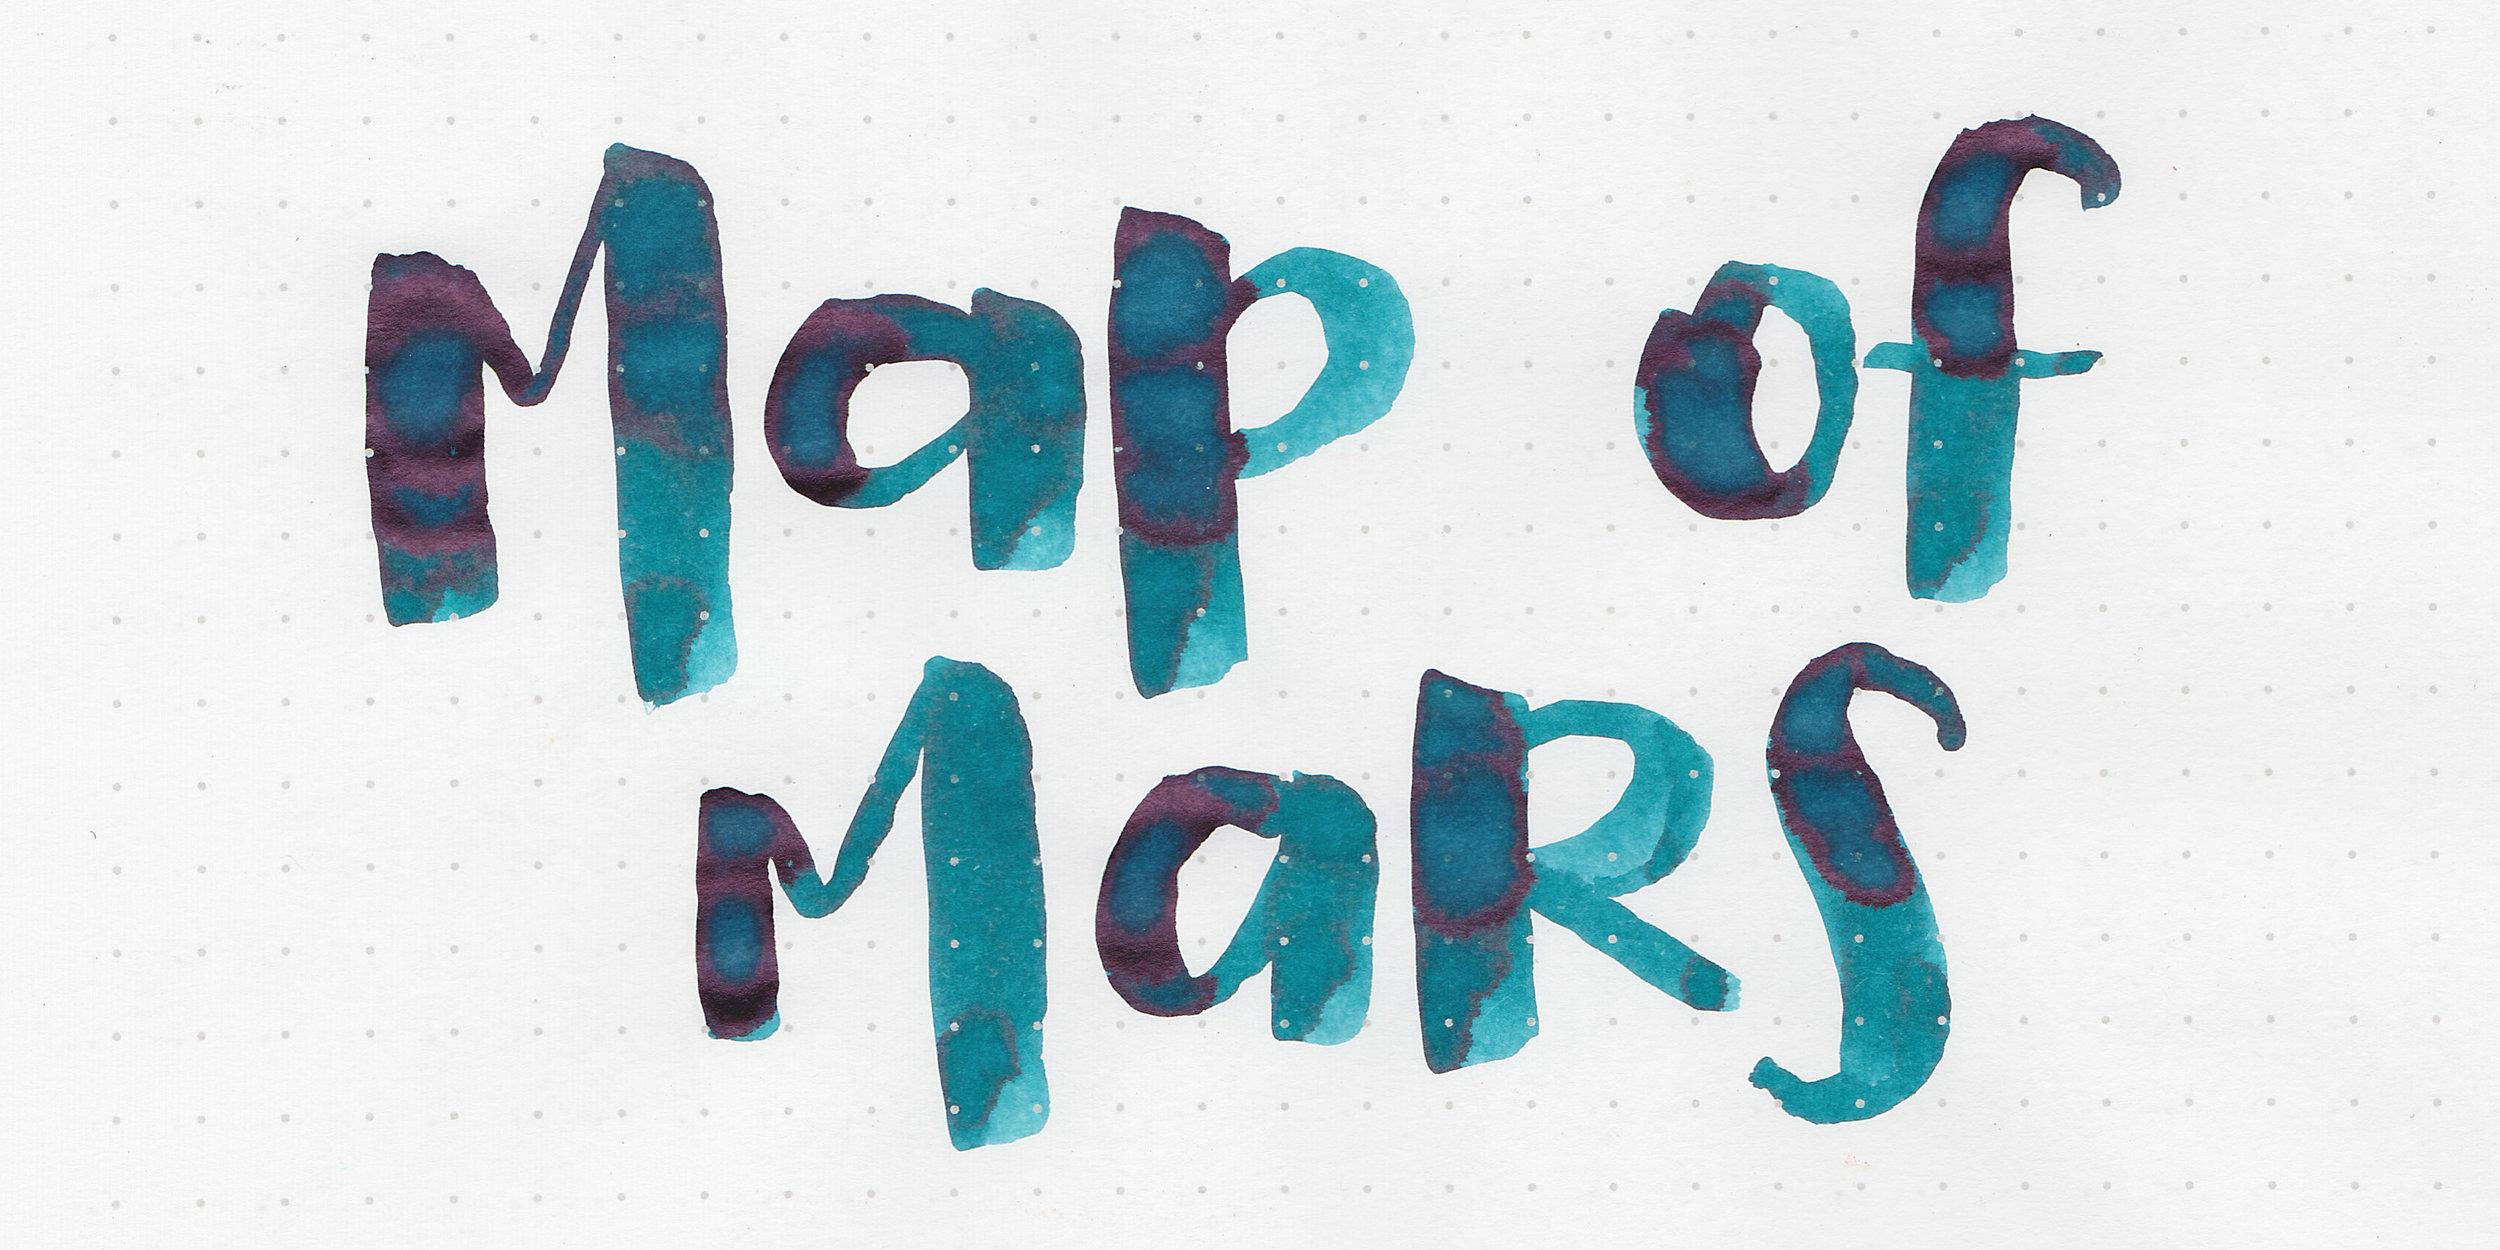 cv-map-of-mars-5.jpg